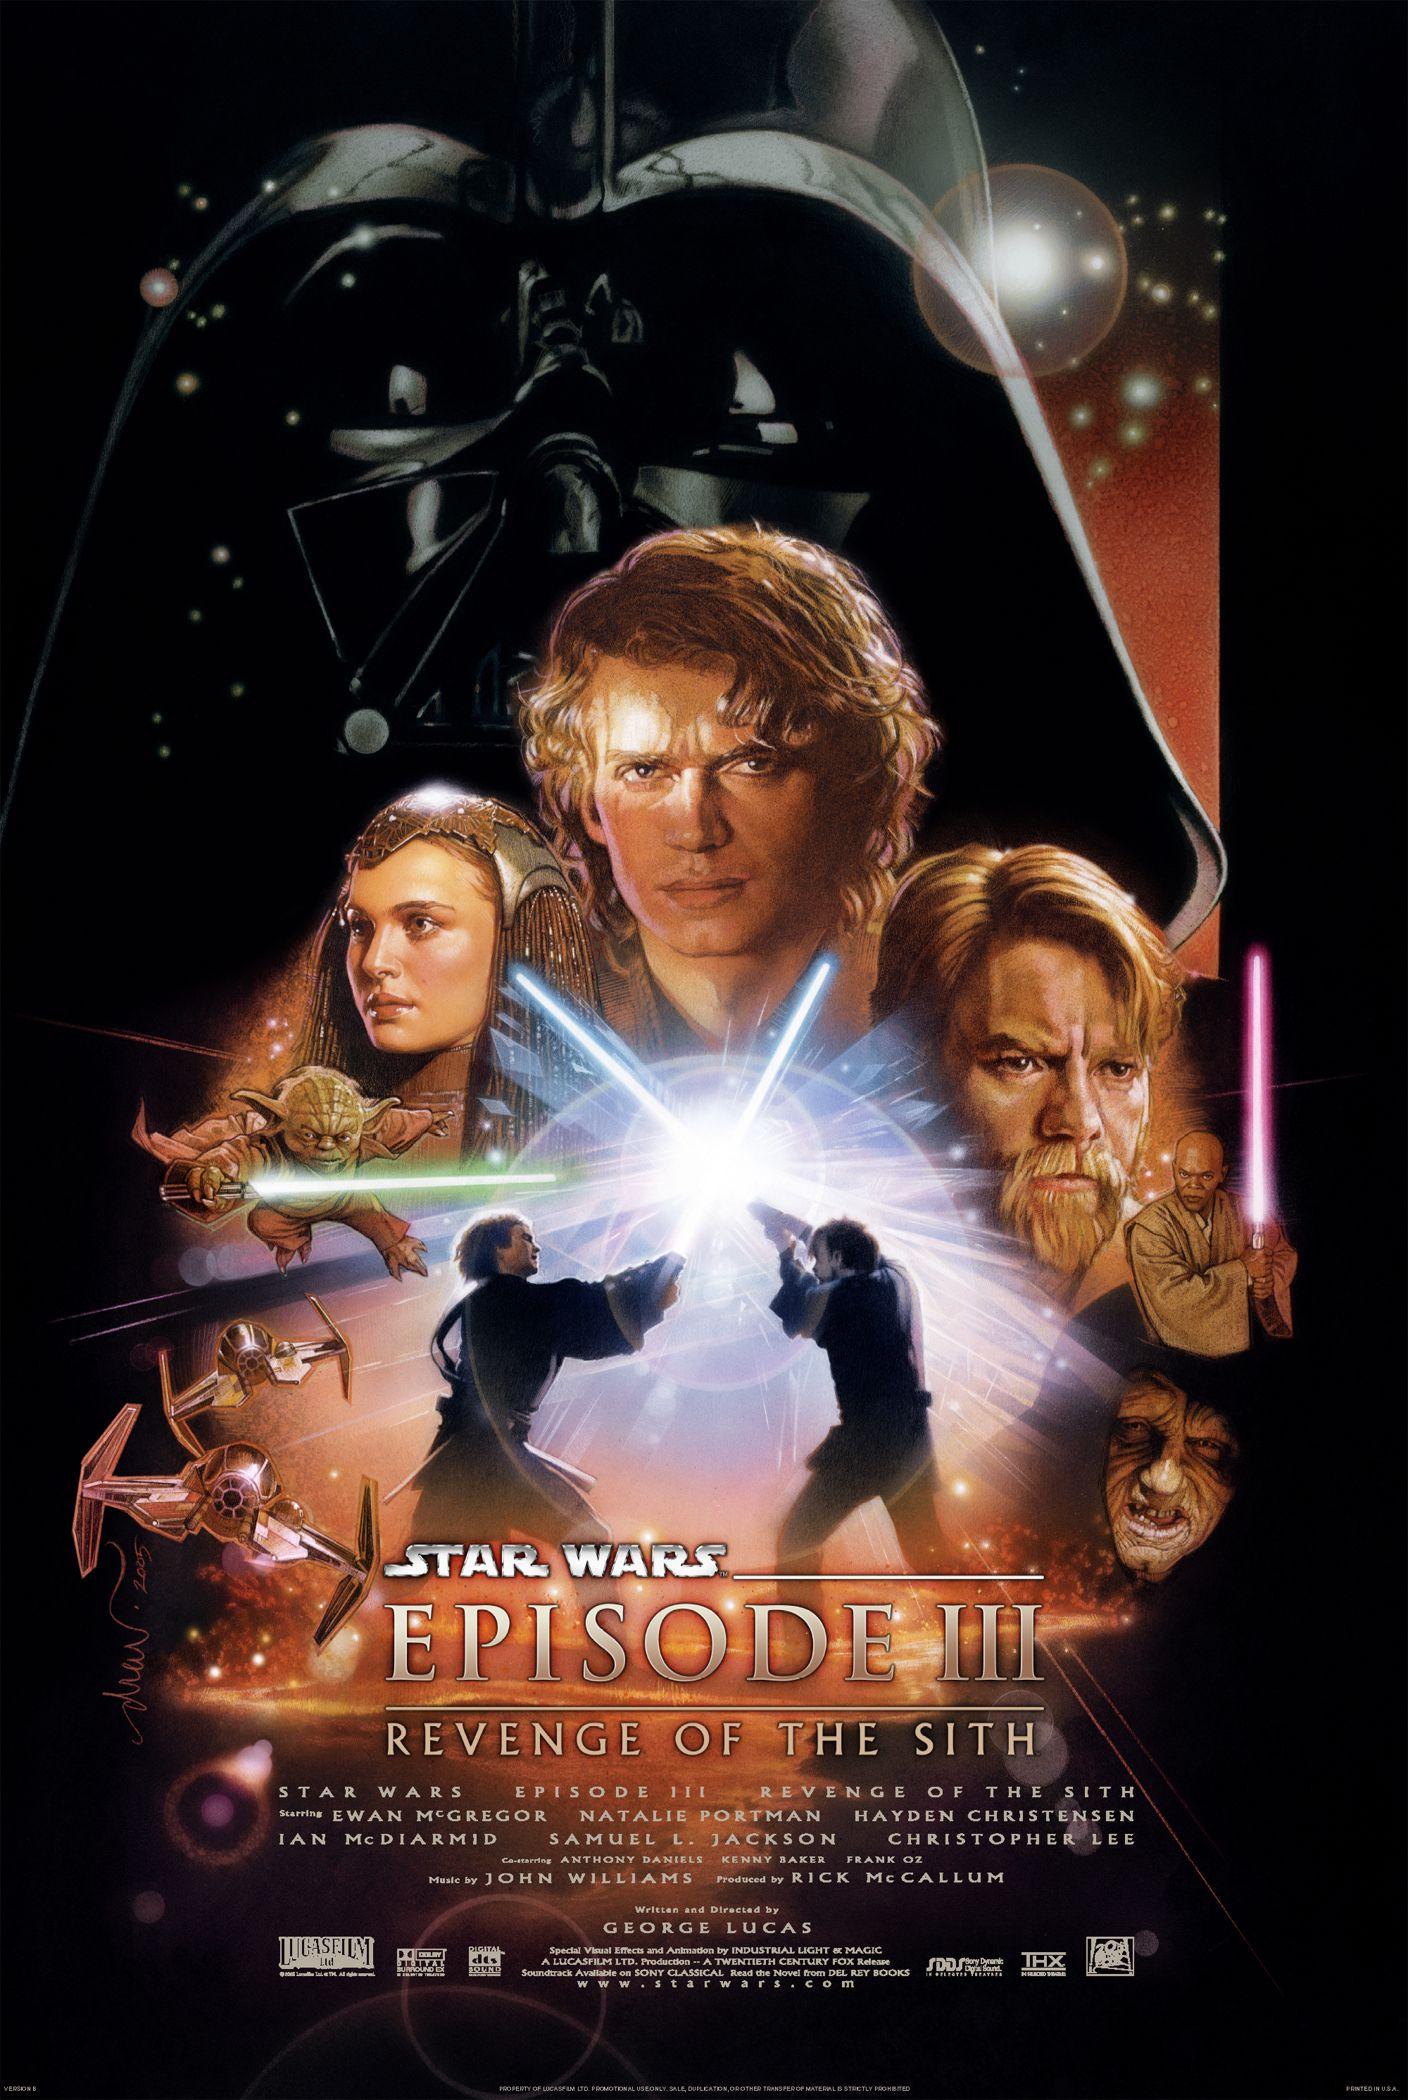 Star wars episode three poster2